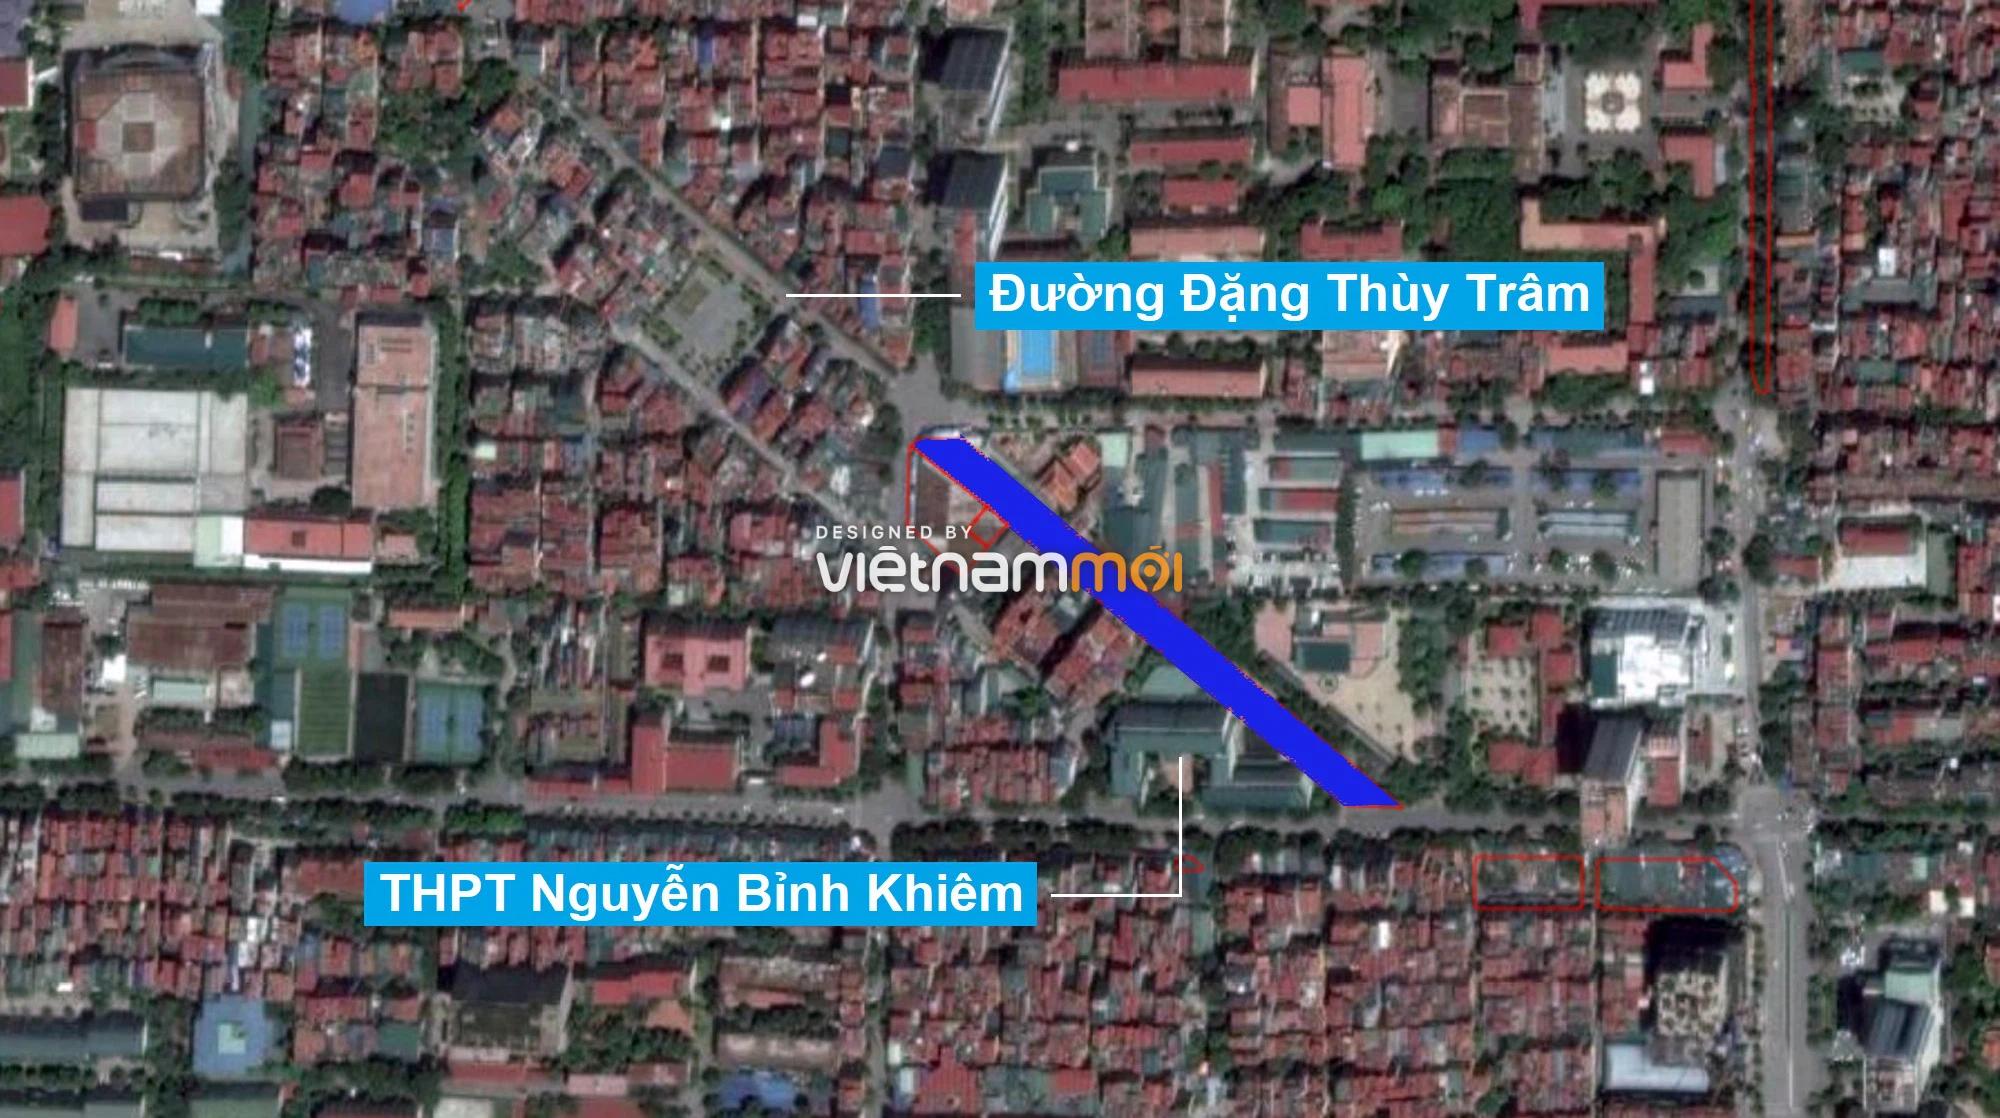 Những khu đất sắp thu hồi để mở đường ở quận Cầu Giấy, Hà Nội - Ảnh 2.